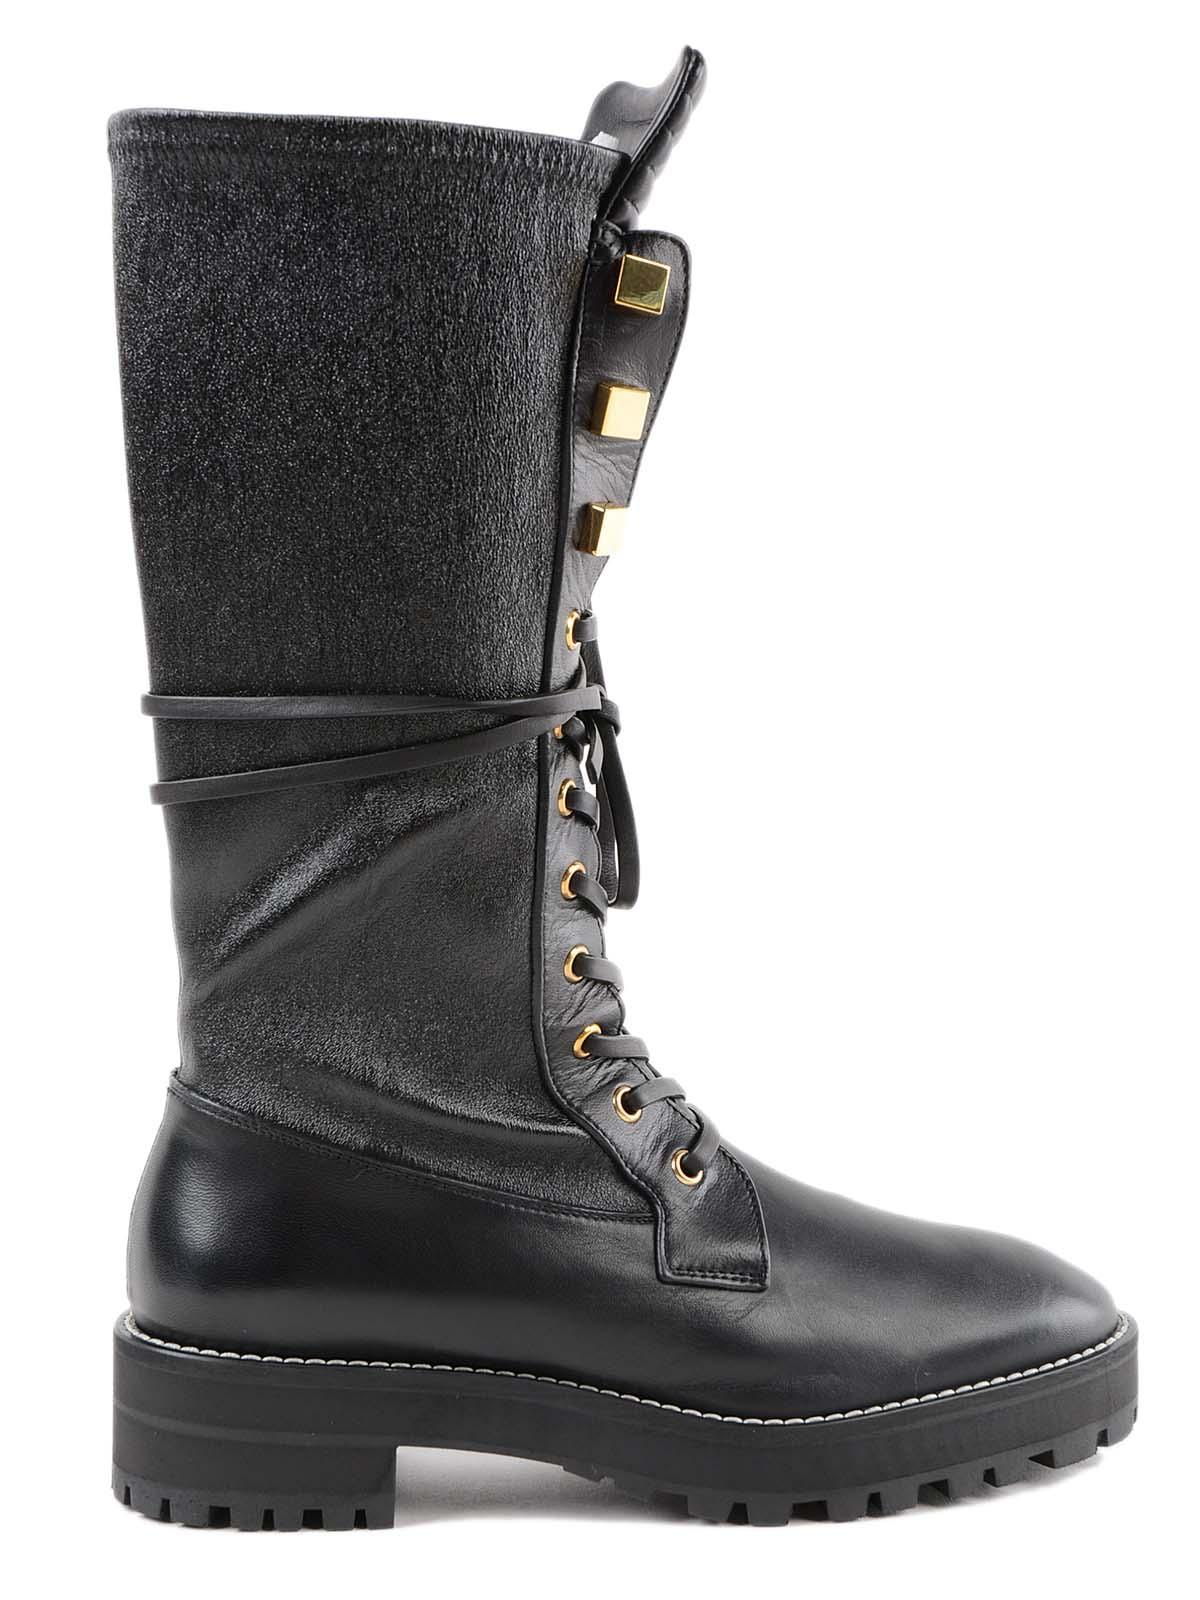 stuart weitzman -  Elspeth Turin Combat Boots